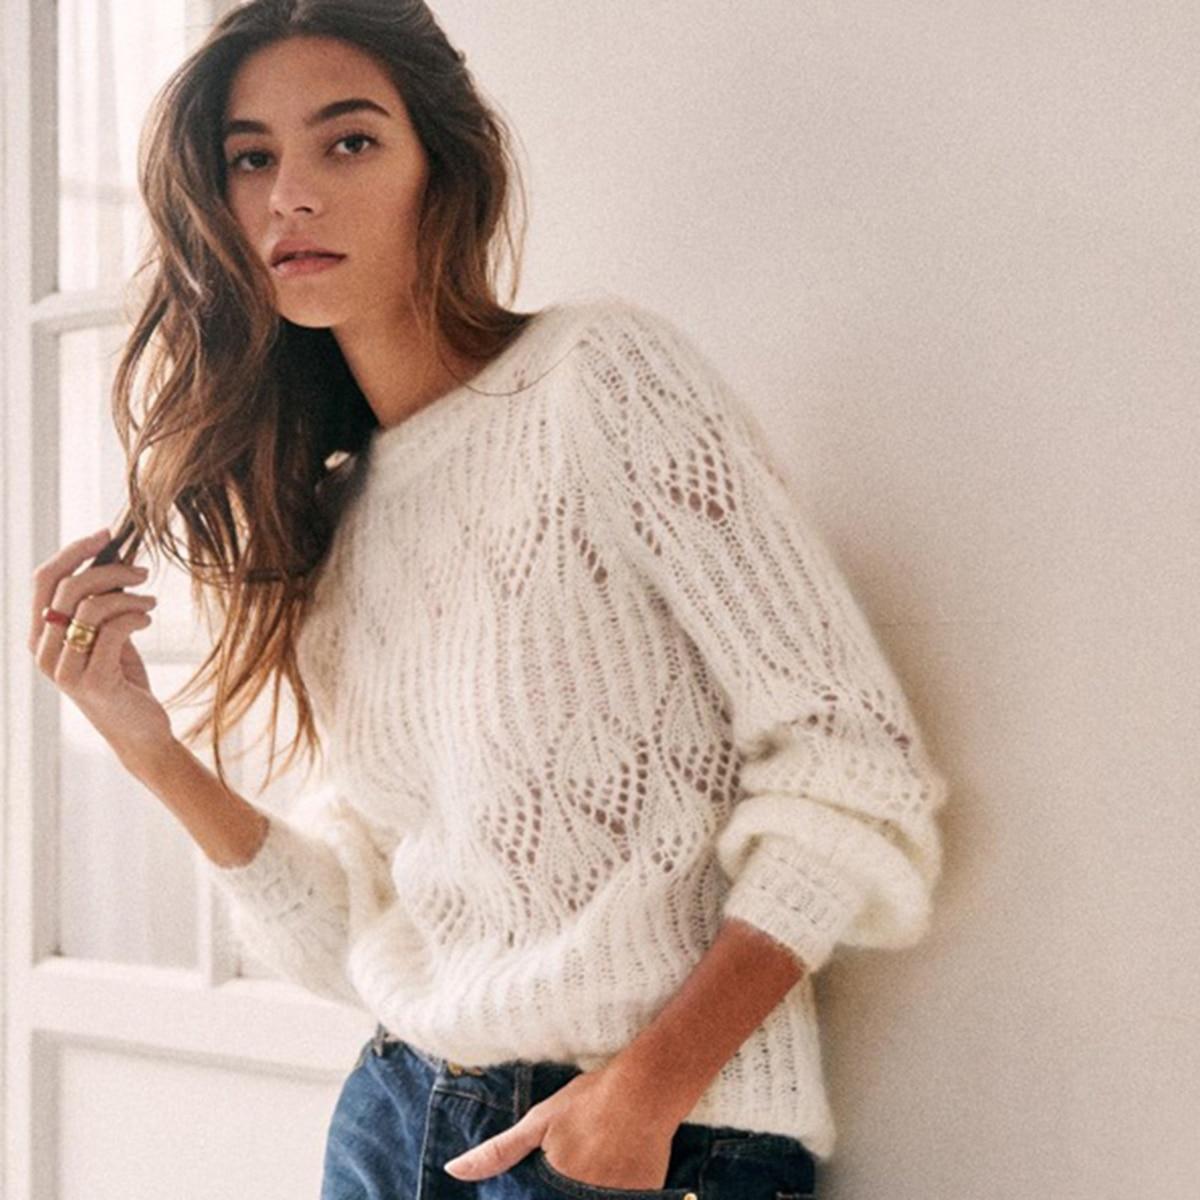 Женский свободный свитер с v образным вырезом Jastie, мягкий свитер из мохера с длинными рукавами, весна 2020